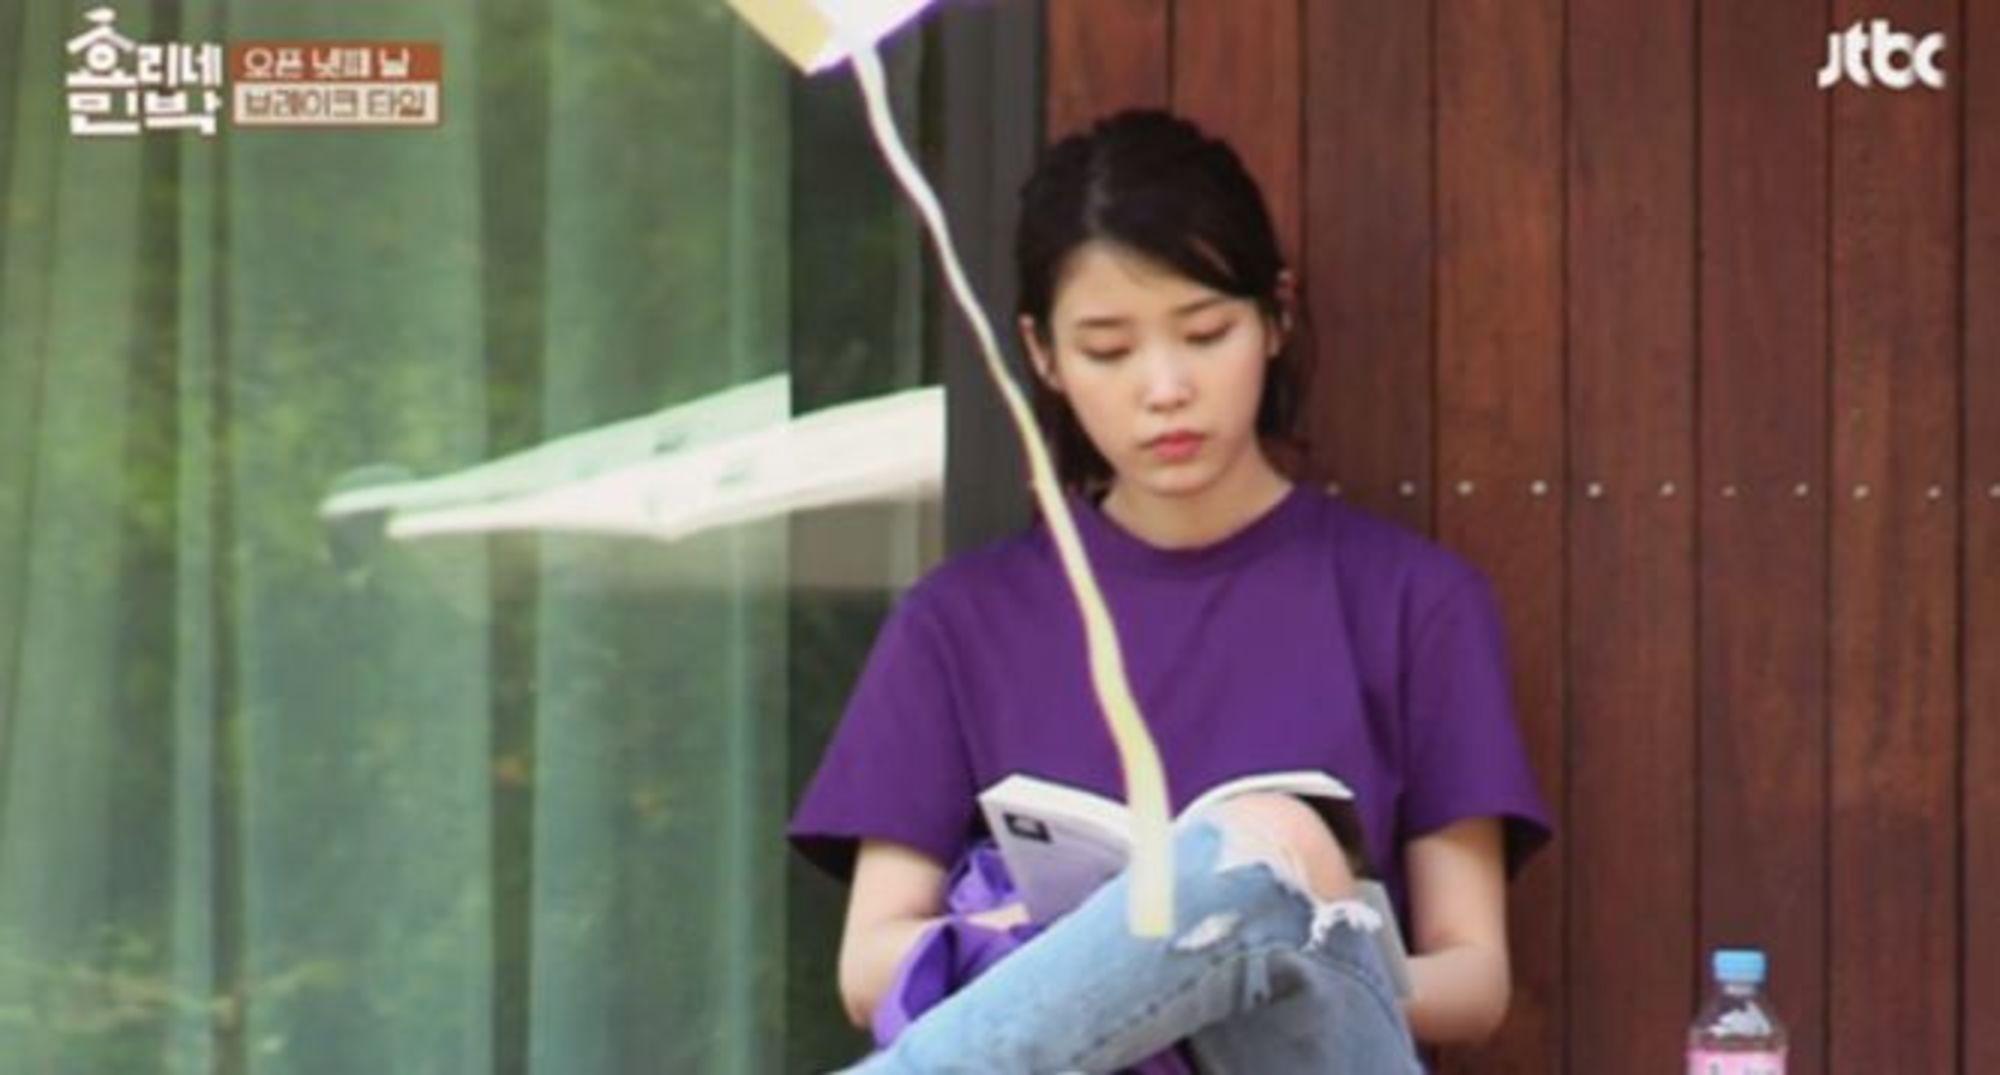 부모님께 체벌 대신 '독서벌칙'으로 자란 아이유가 추천한 책 10권